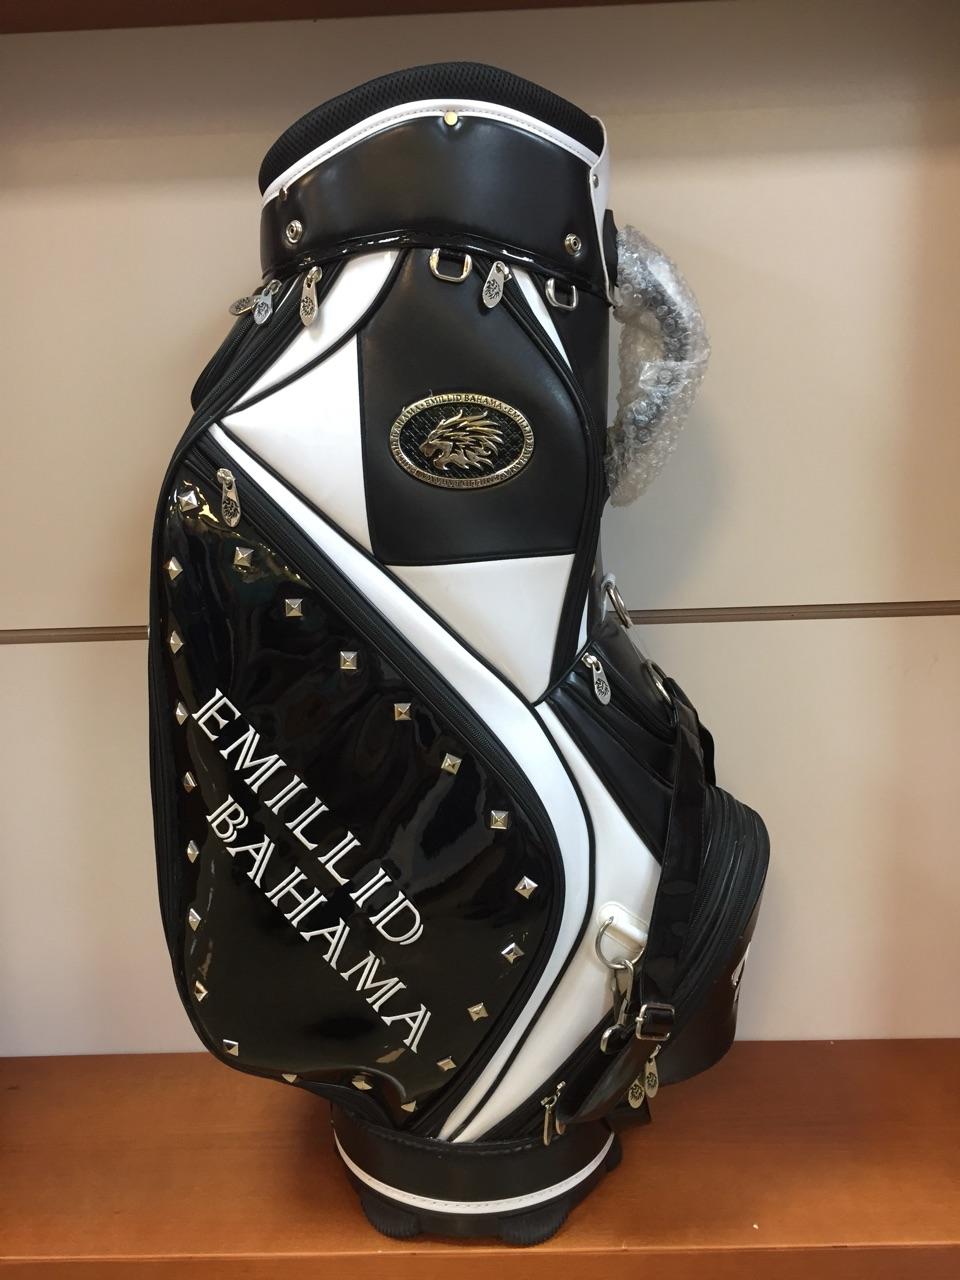 Sản phẩm Túi gậy golf Grand Prix cao cấp sang trọng